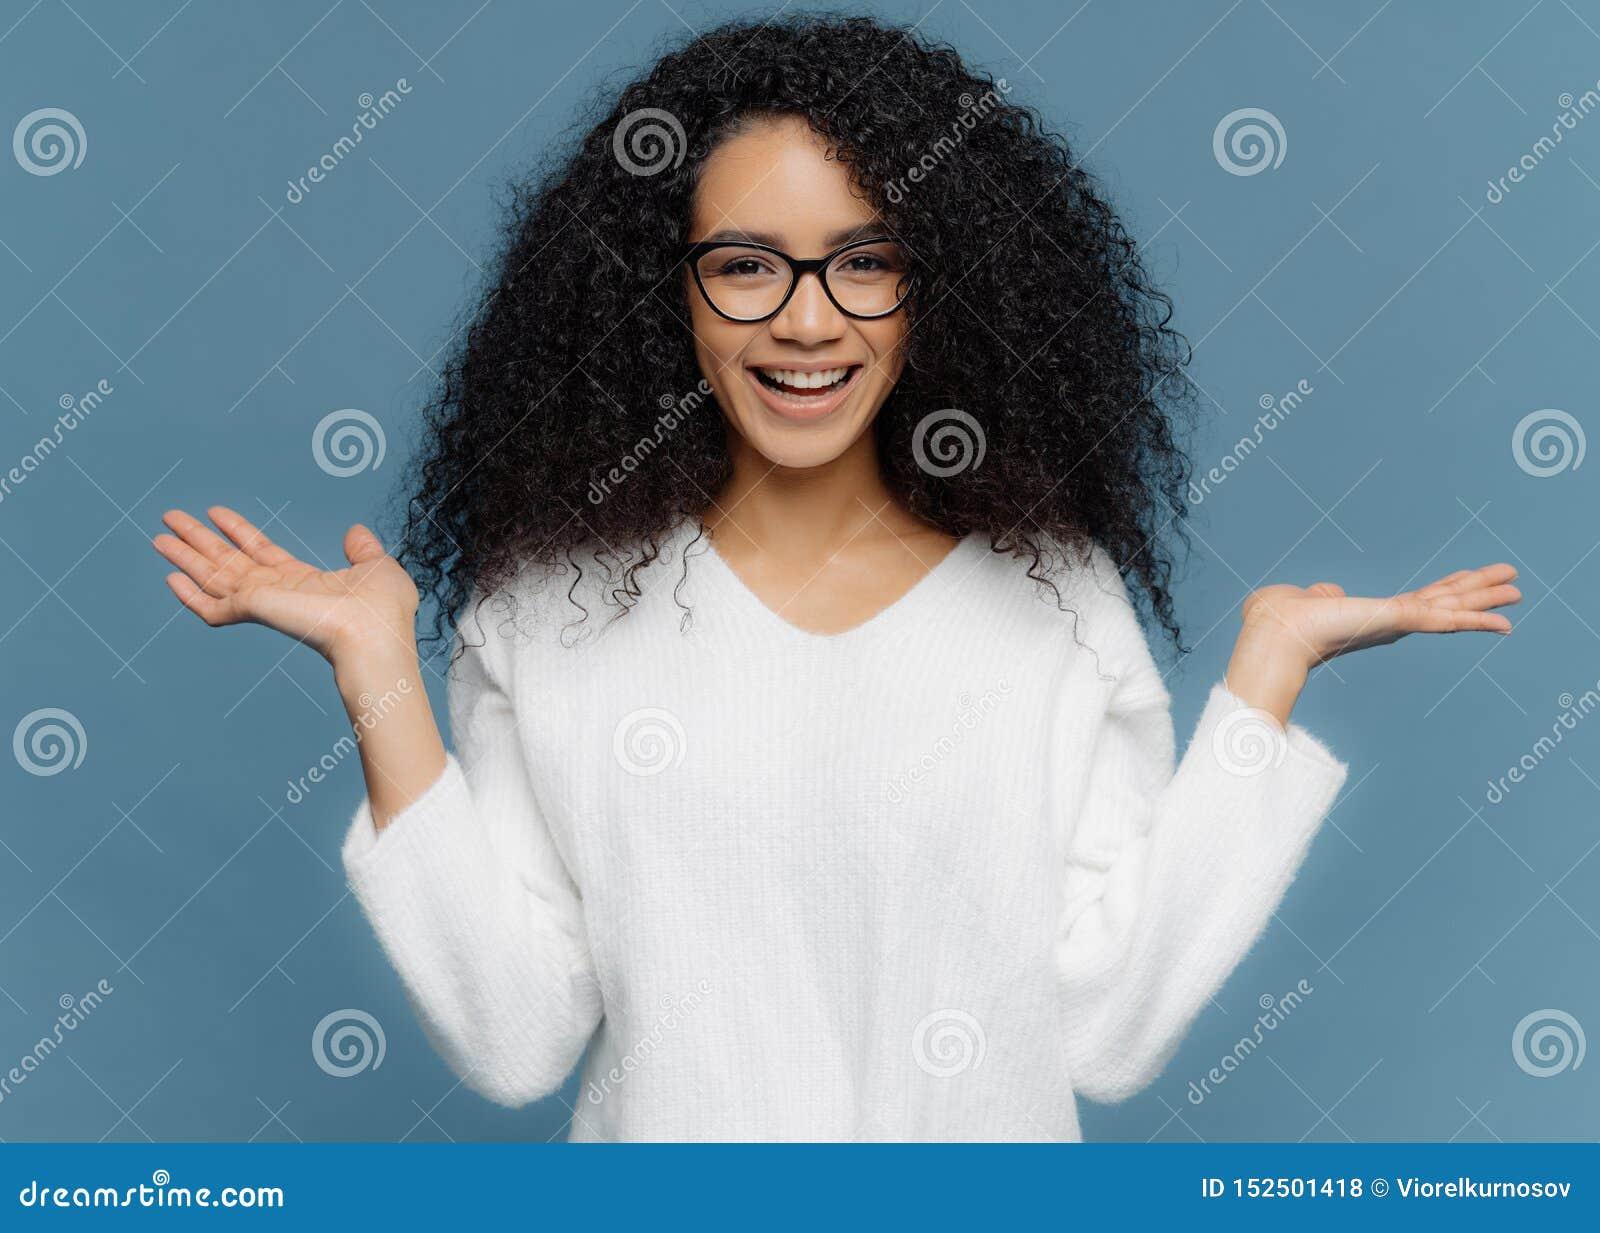 Positive freundliche junge Frau mit Afroauftritt, verbreitet Palmen, hält unsichtbaren Gegenstand, hat reizend Lächeln, gesunde H